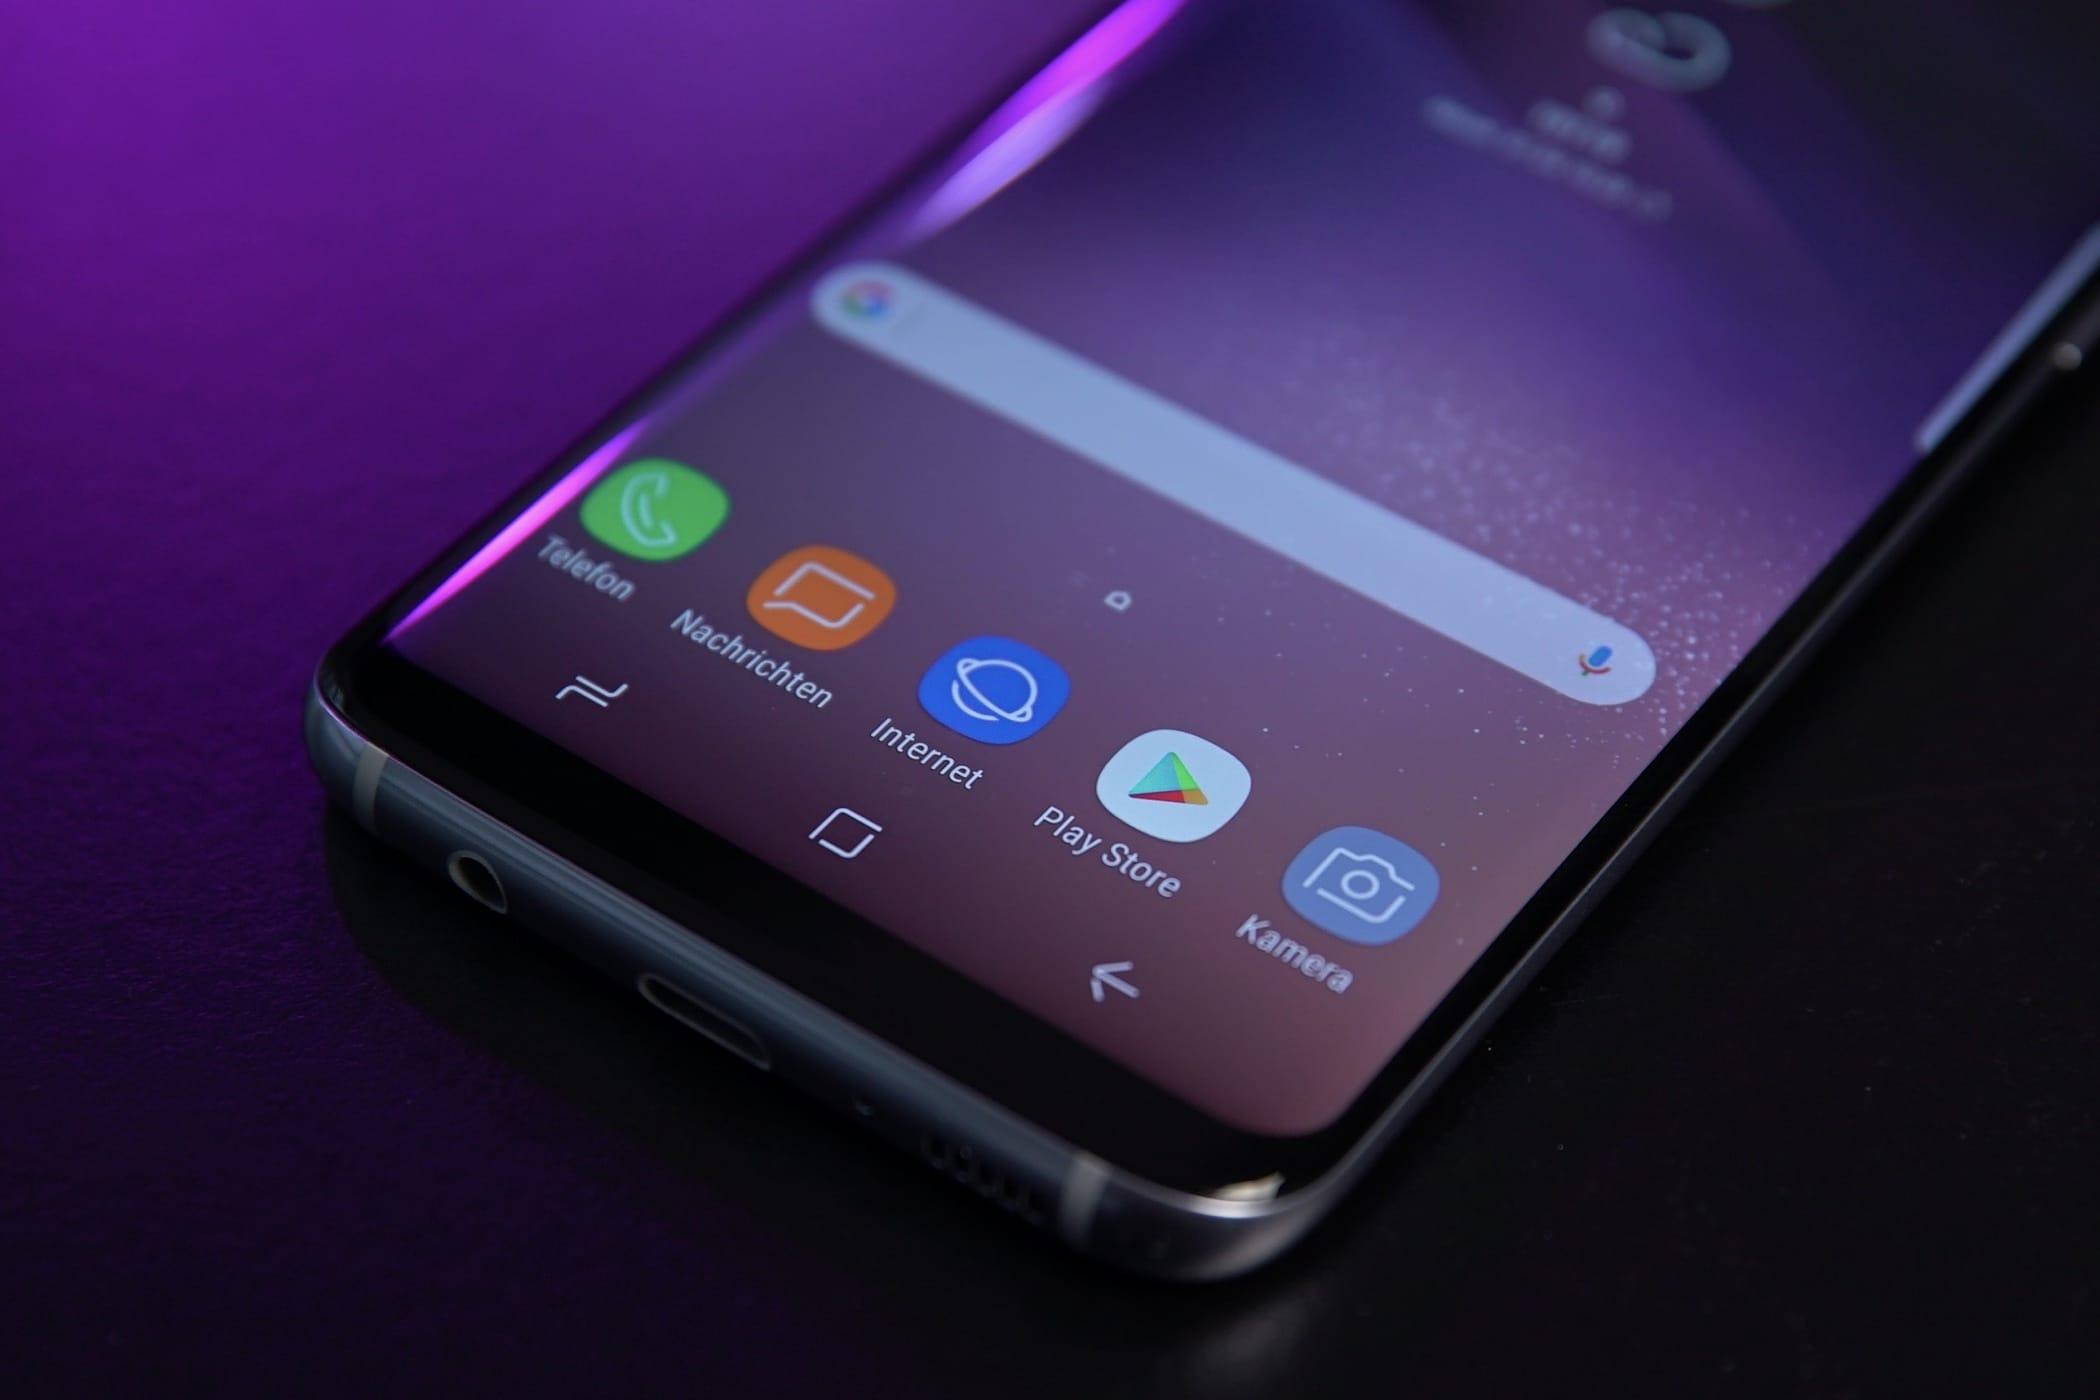 Новый Самсунг Galaxy Note 8 оказался одноразовым